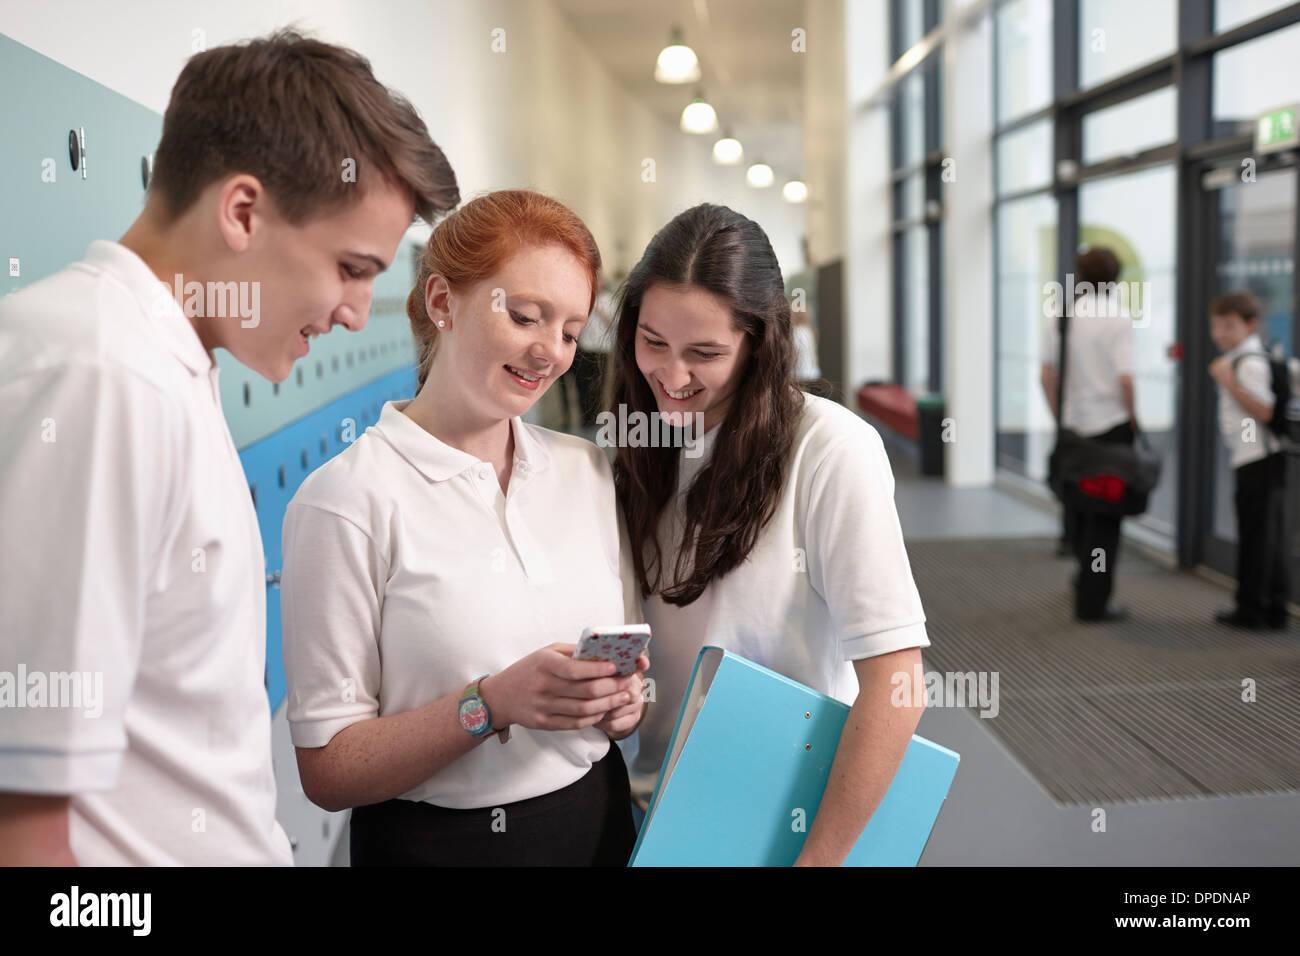 Los adolescentes mirando un teléfono móvil en el corredor de la escuela Imagen De Stock